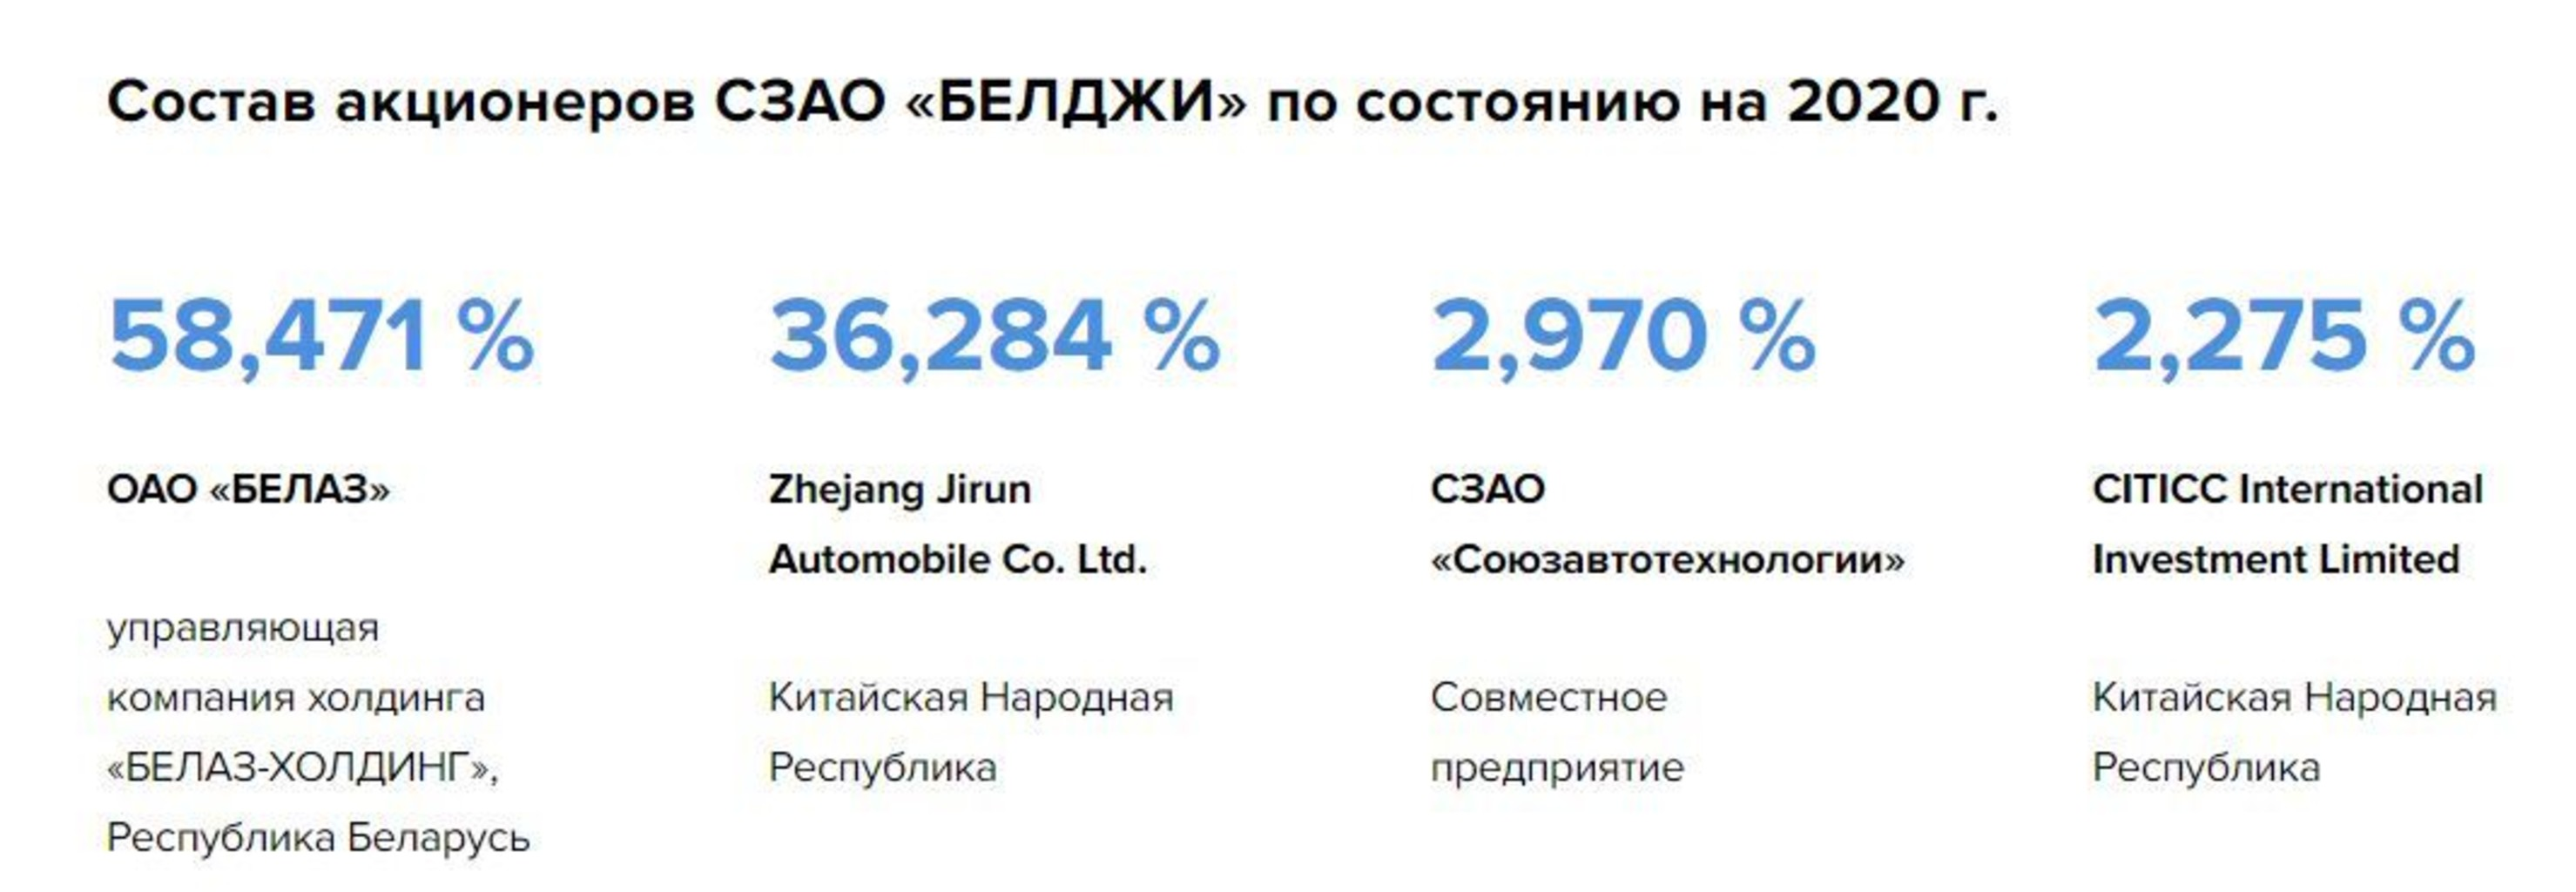 %d0%91%d0%95%d0%9b%d0%94%d0%96%d0%98%d0%90%d0%ba%d1%86